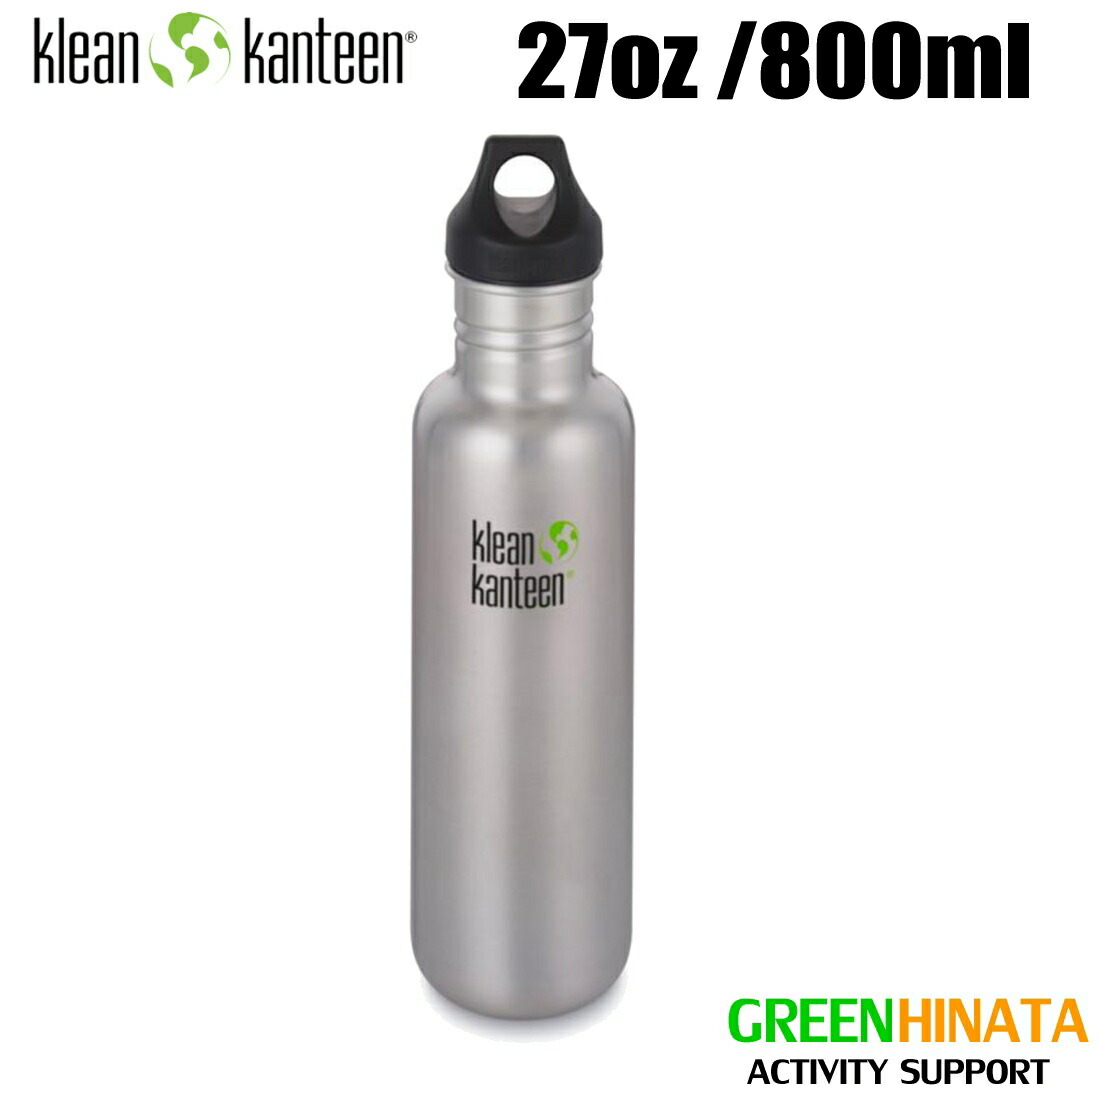 クリーンカンティーン クラシックボトル 27oz ボトル シングルウォール  国内正規品